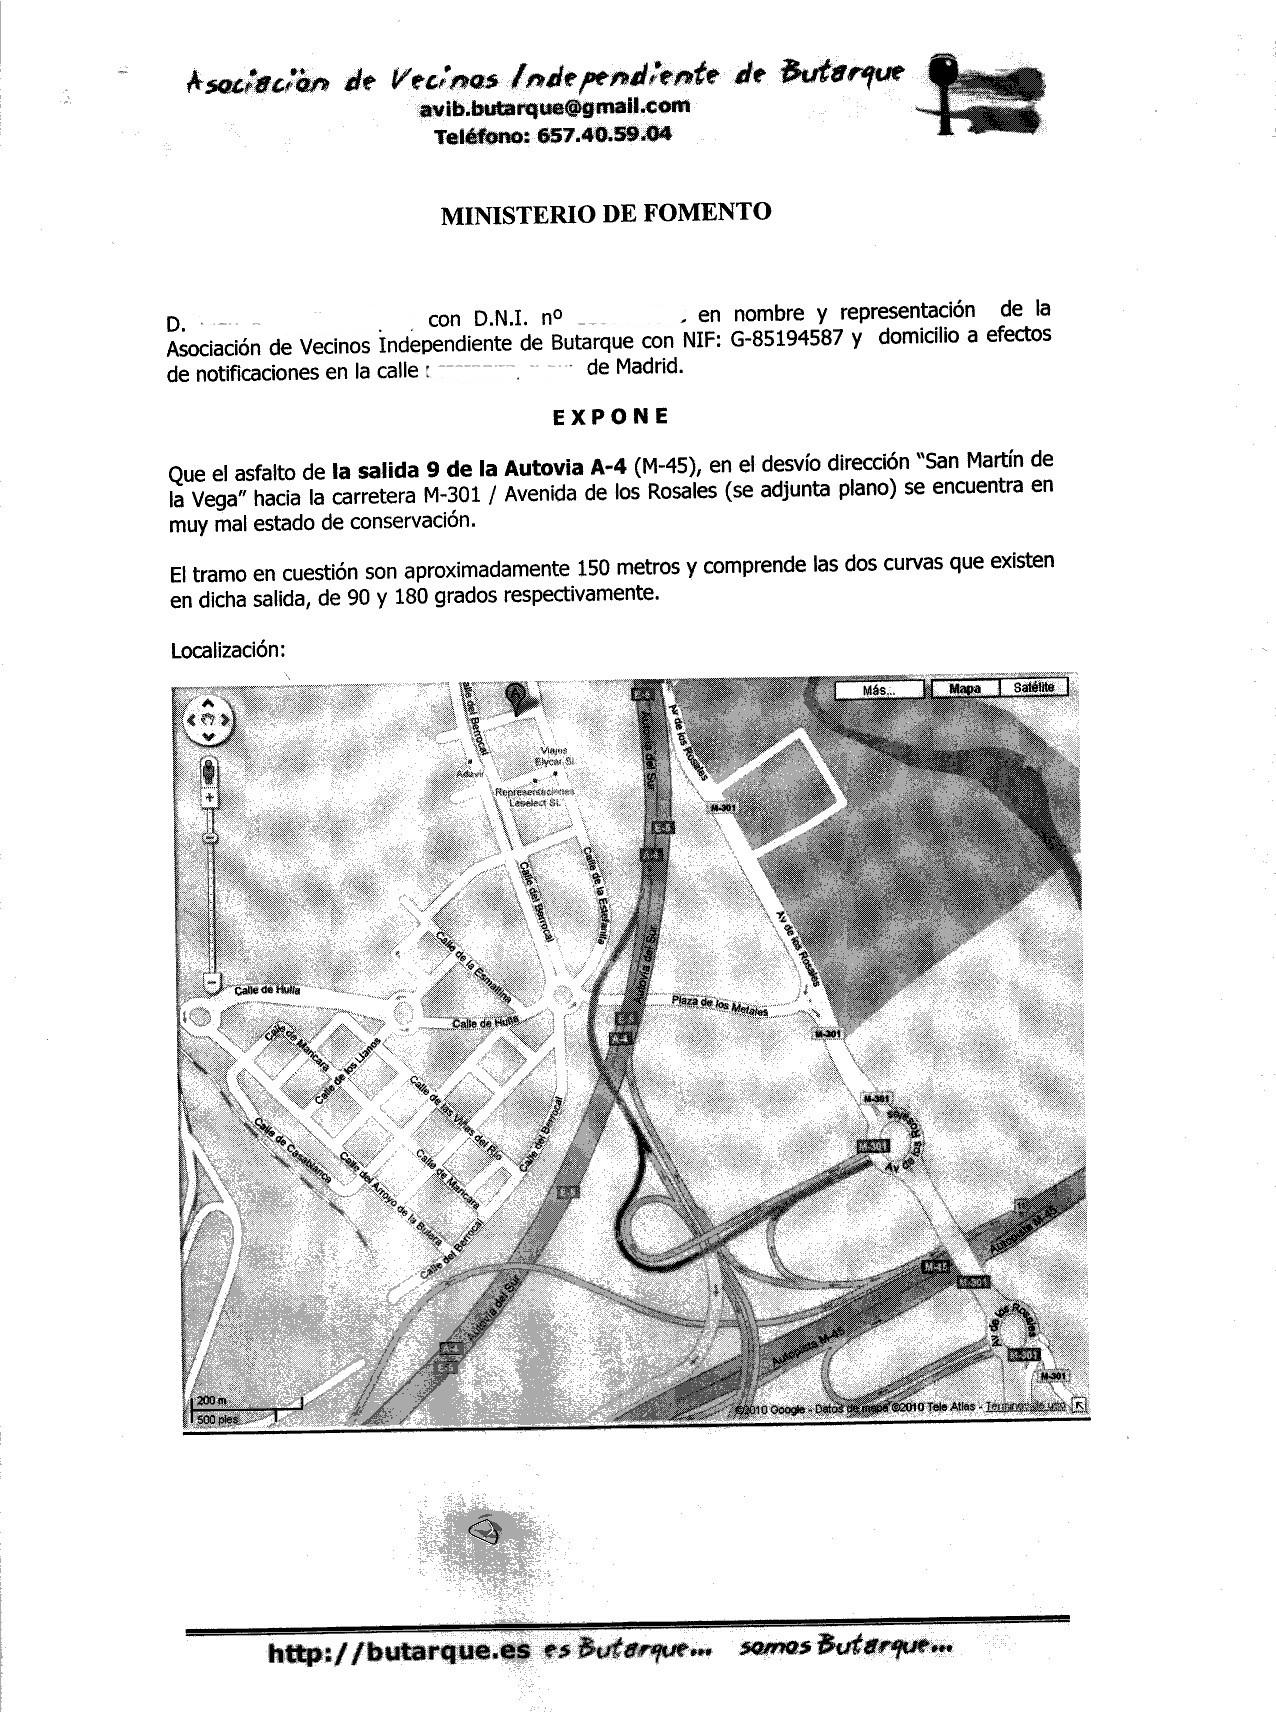 Asfalto_14_m45.jpg